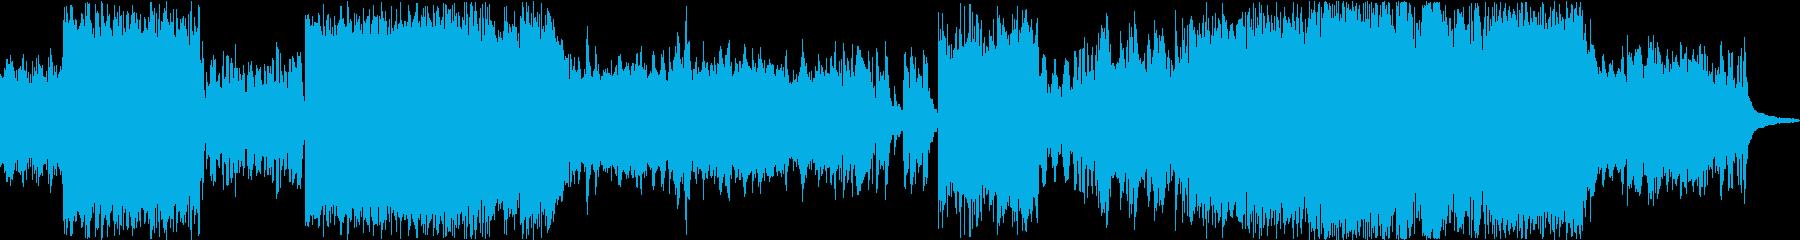 ストーリー性のある約3分のBGMの再生済みの波形